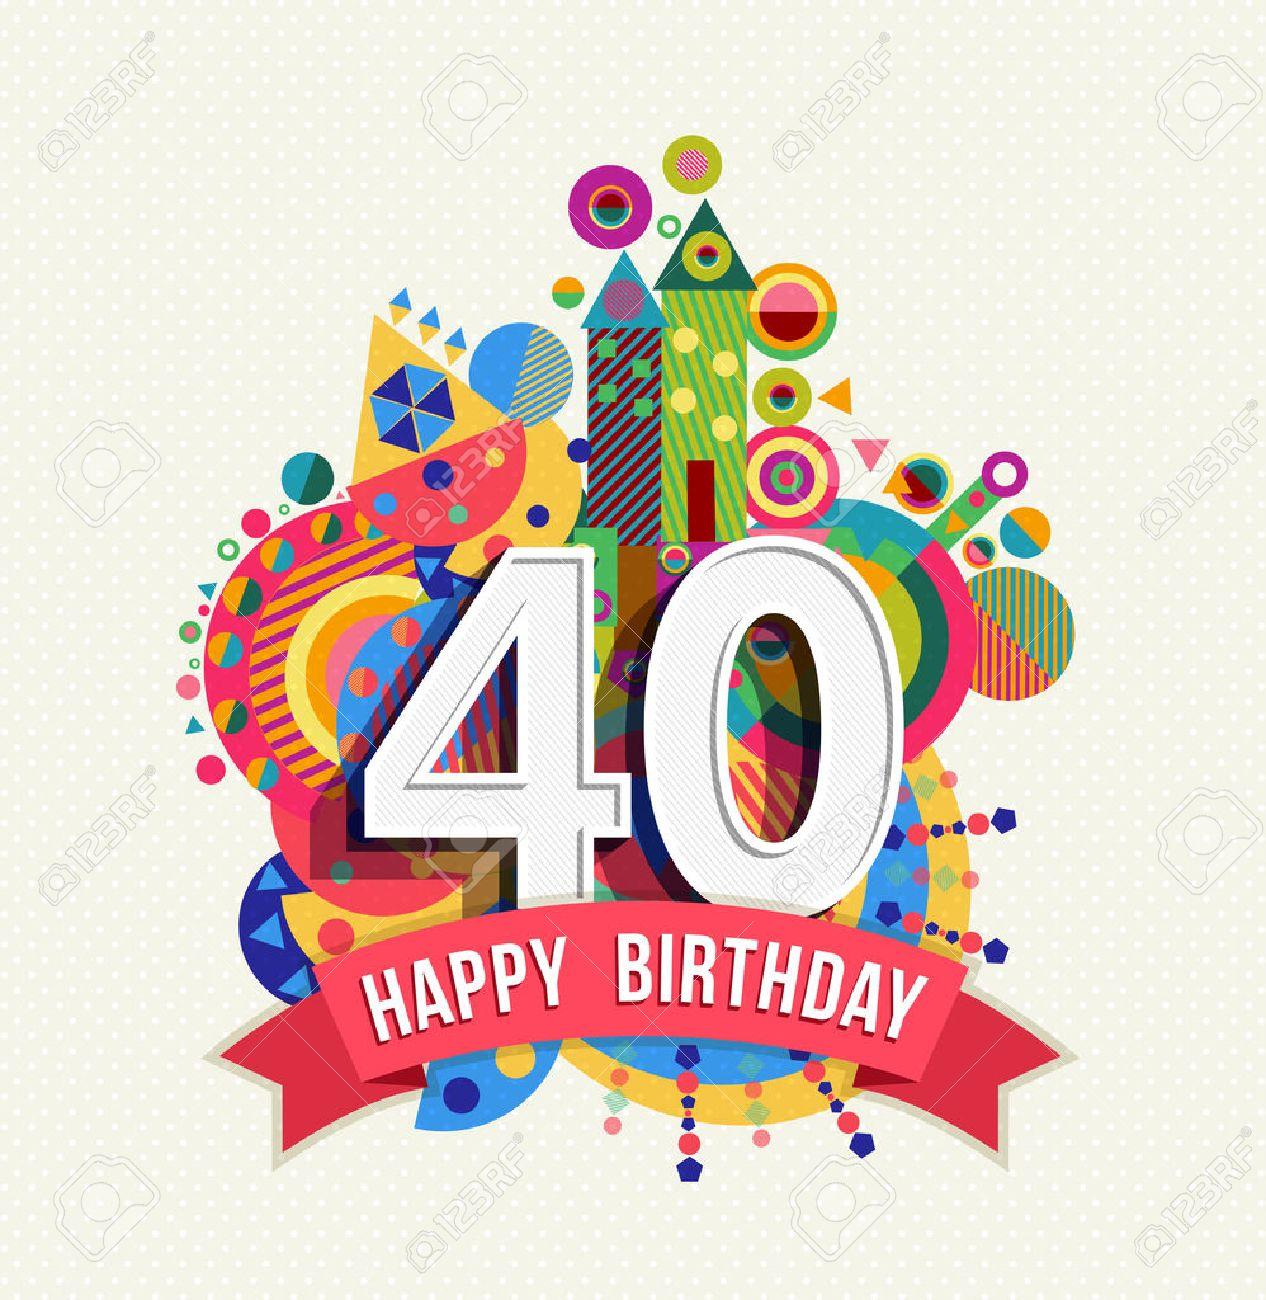 Alles Gute Zum Geburtstag Vierzig 40 Jahre Spaß Feier Grußkarte Mit